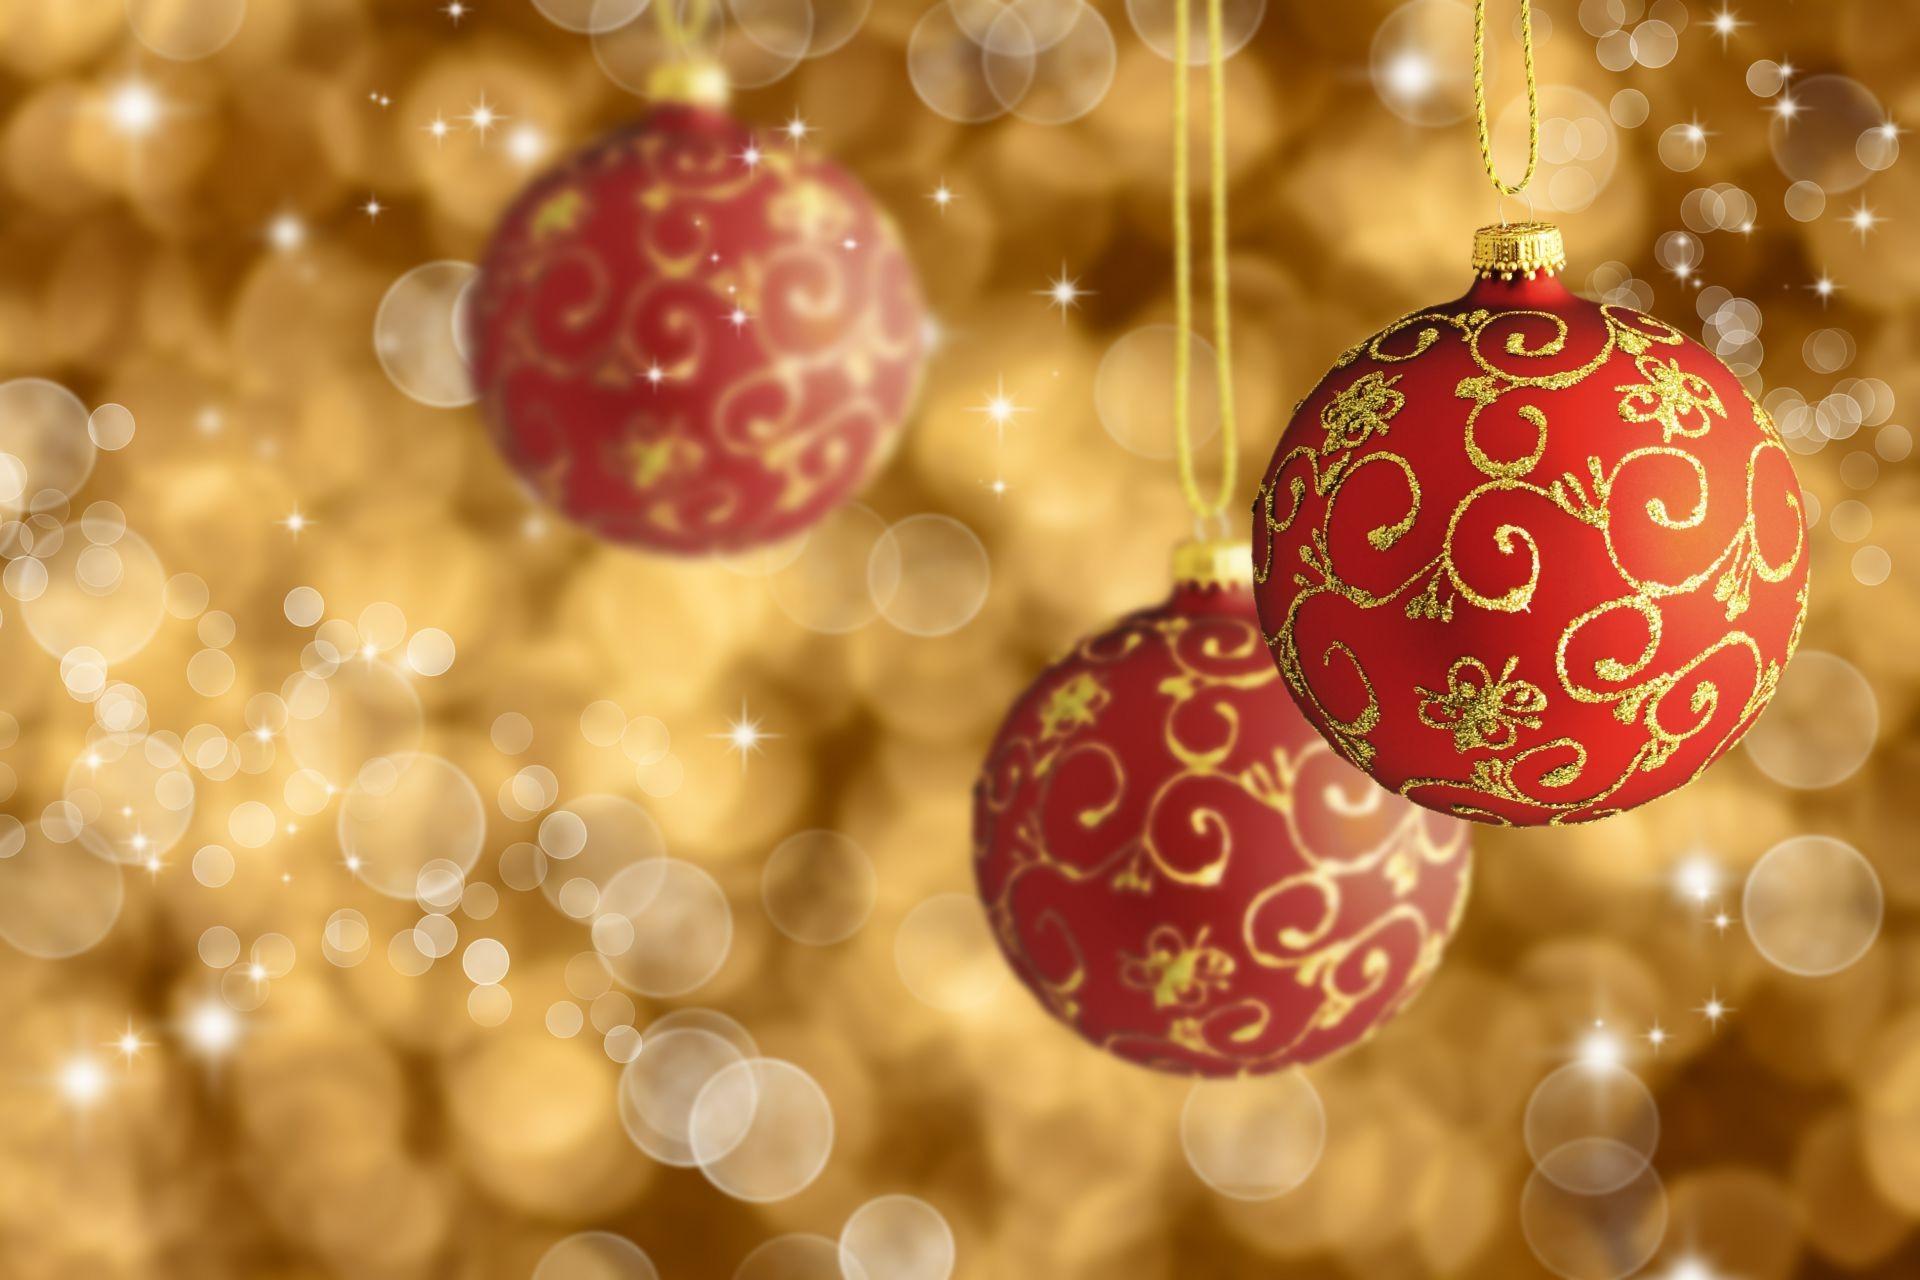 Новогодняя картинка с шарами, смешные зеркала